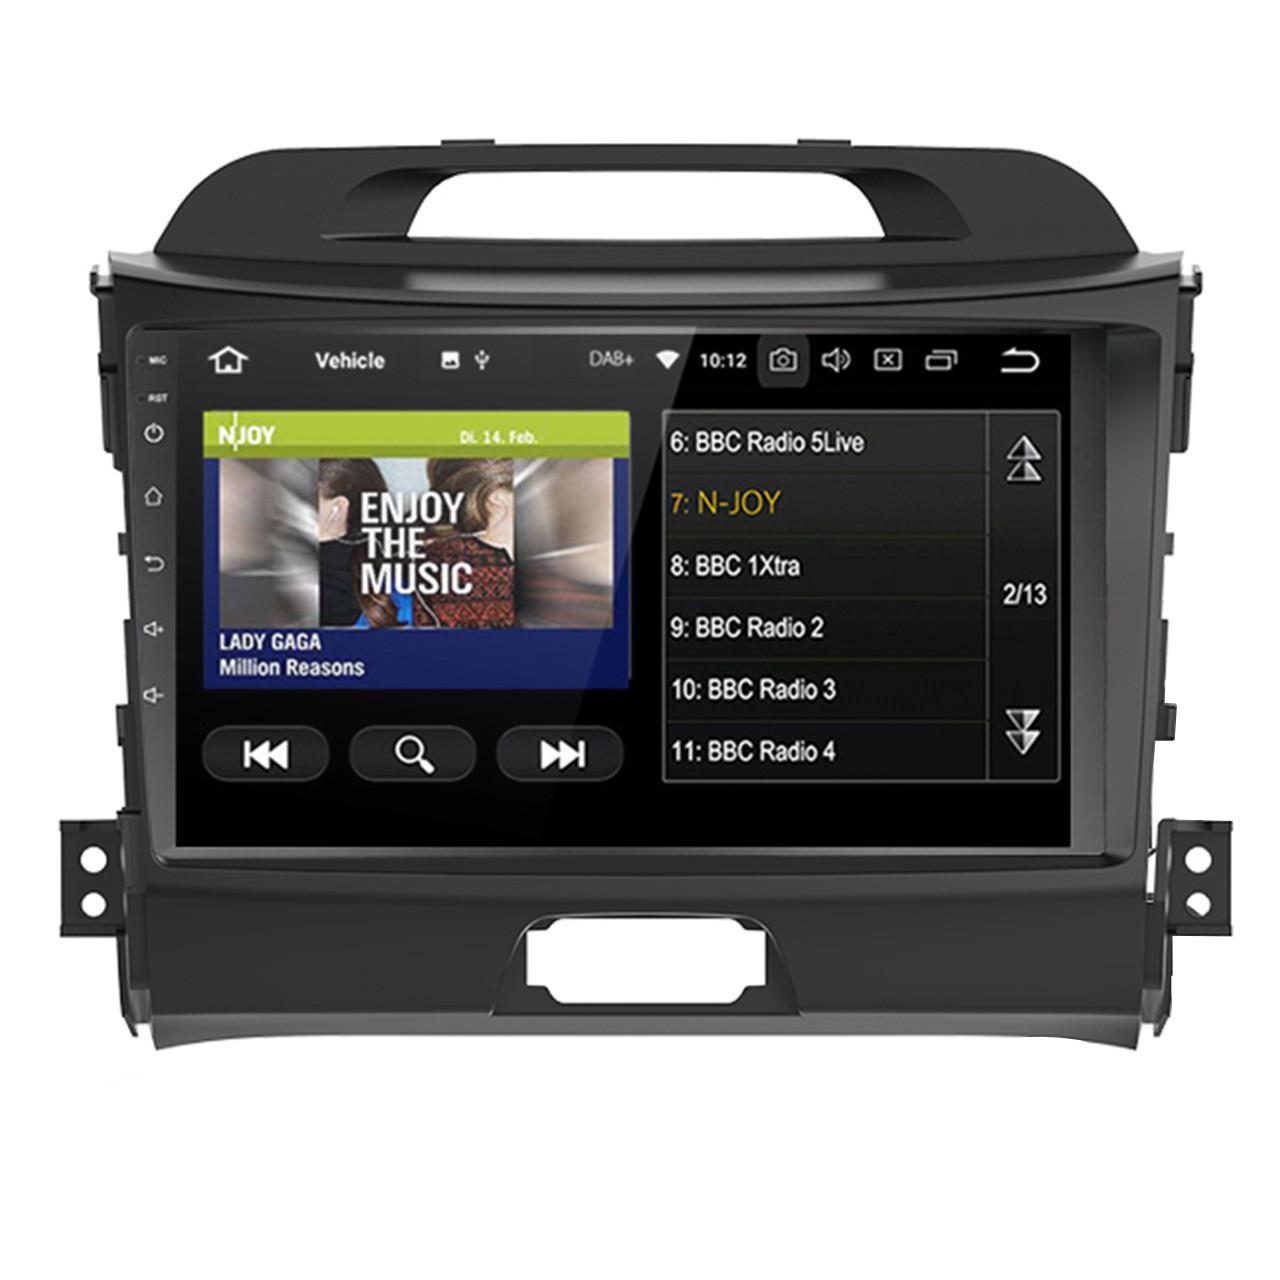 Штатная автомобильная магнитола 9 Kia Sportage GPS мощность 4х50 Вт память 1+16 ГБ Wi Fi (3999-11392)